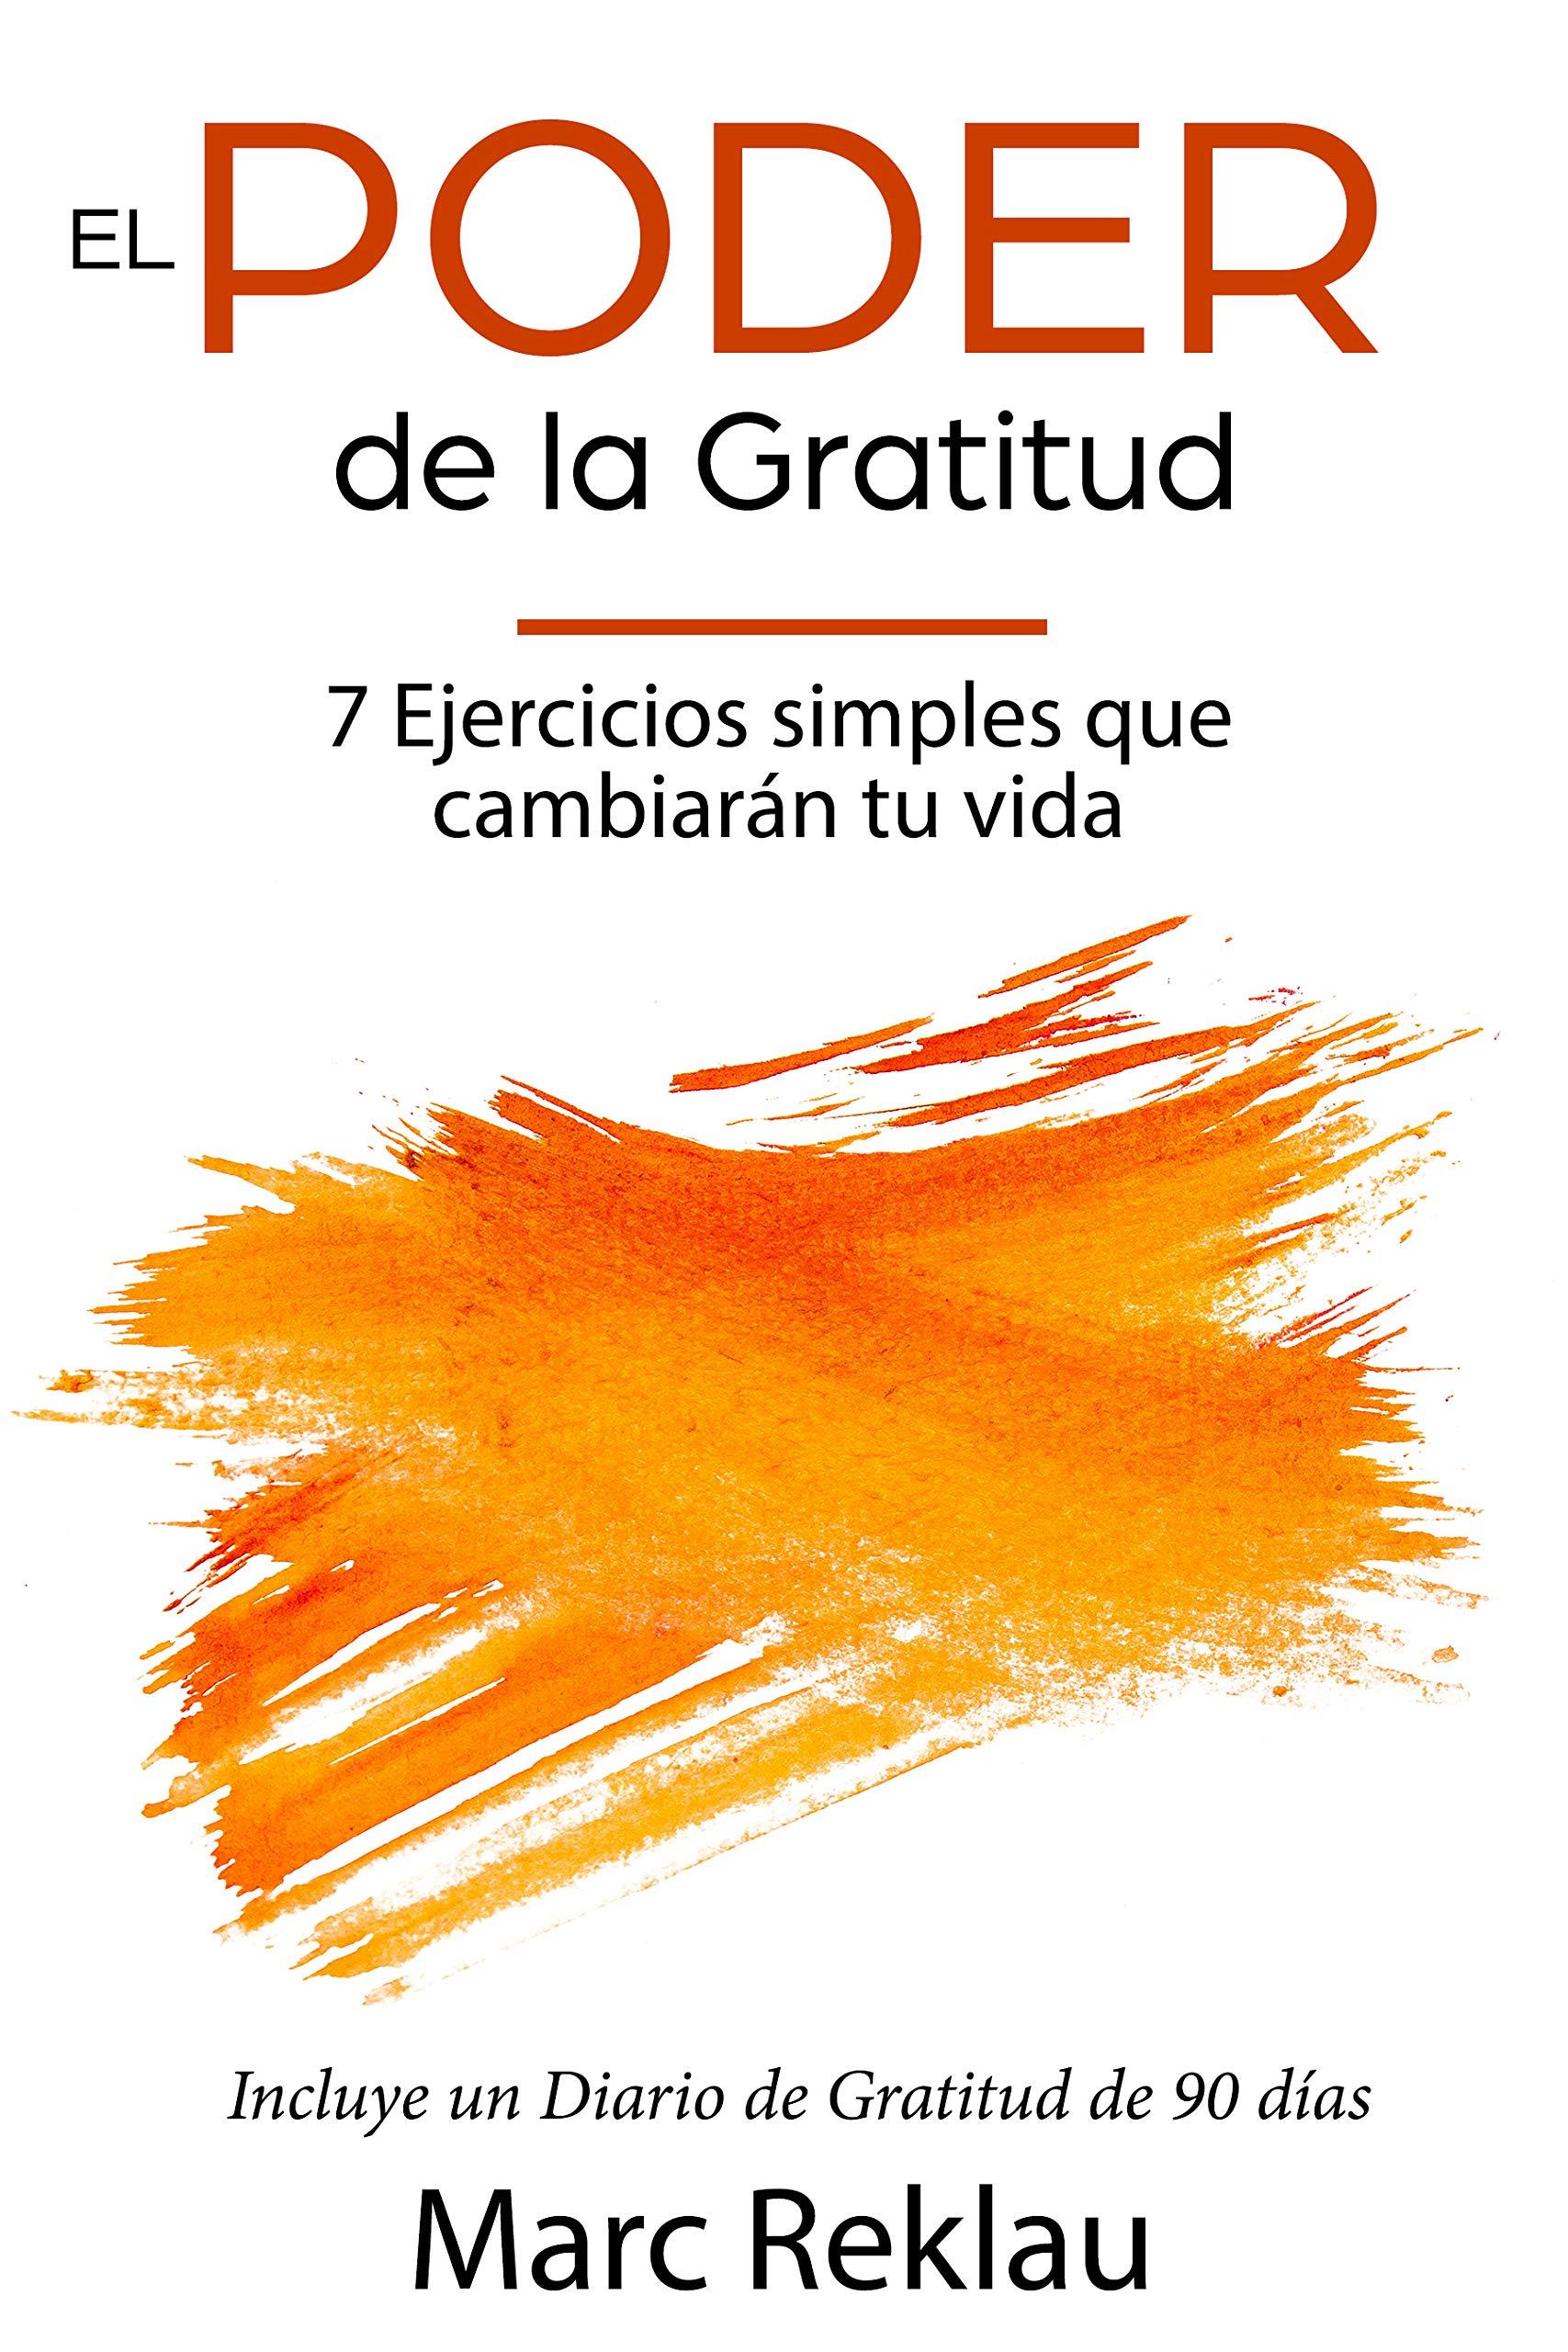 El Poder de la Gratitud: 7 Ejercicios Simples que van a cambiar tu vida a mejor - incluye un diario de gratitud de 90 días (Hábitos que te cambiarán la vida nº 3) por Marc Reklau